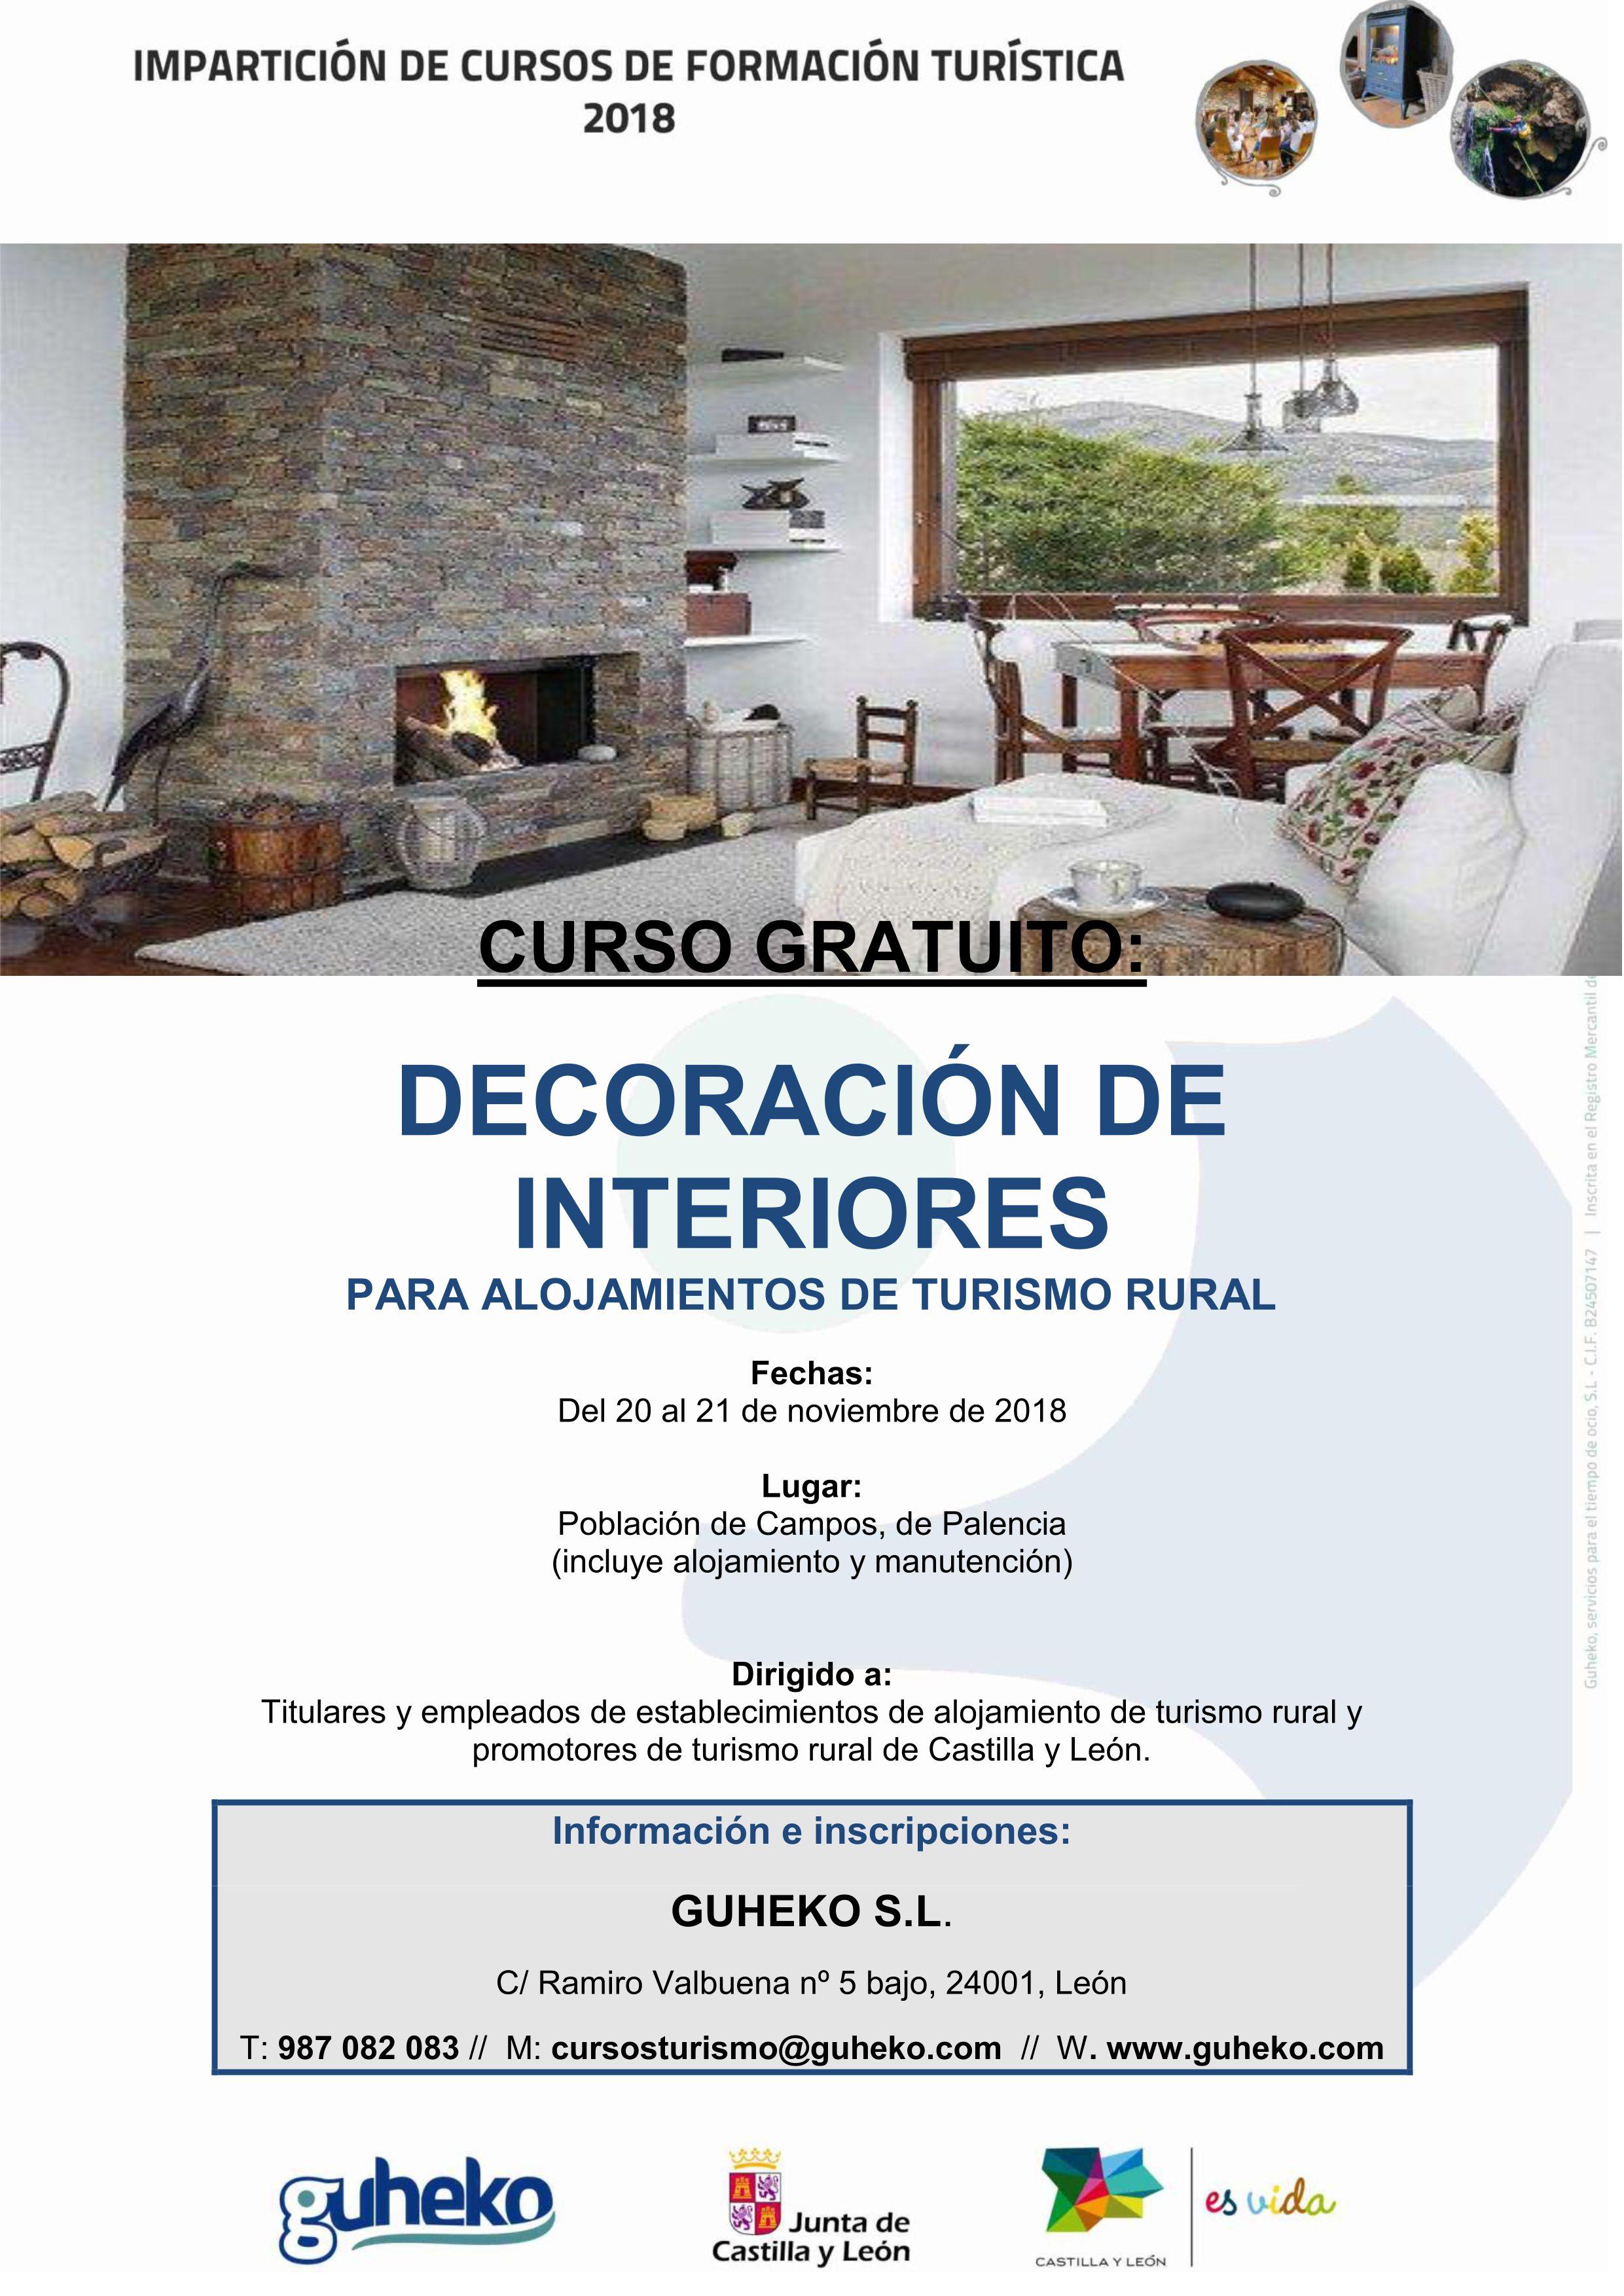 Guheko Turismo Ocio Y Tiempo Libre Curso Gratuito Decoracion De - Decoracion-rural-interiores